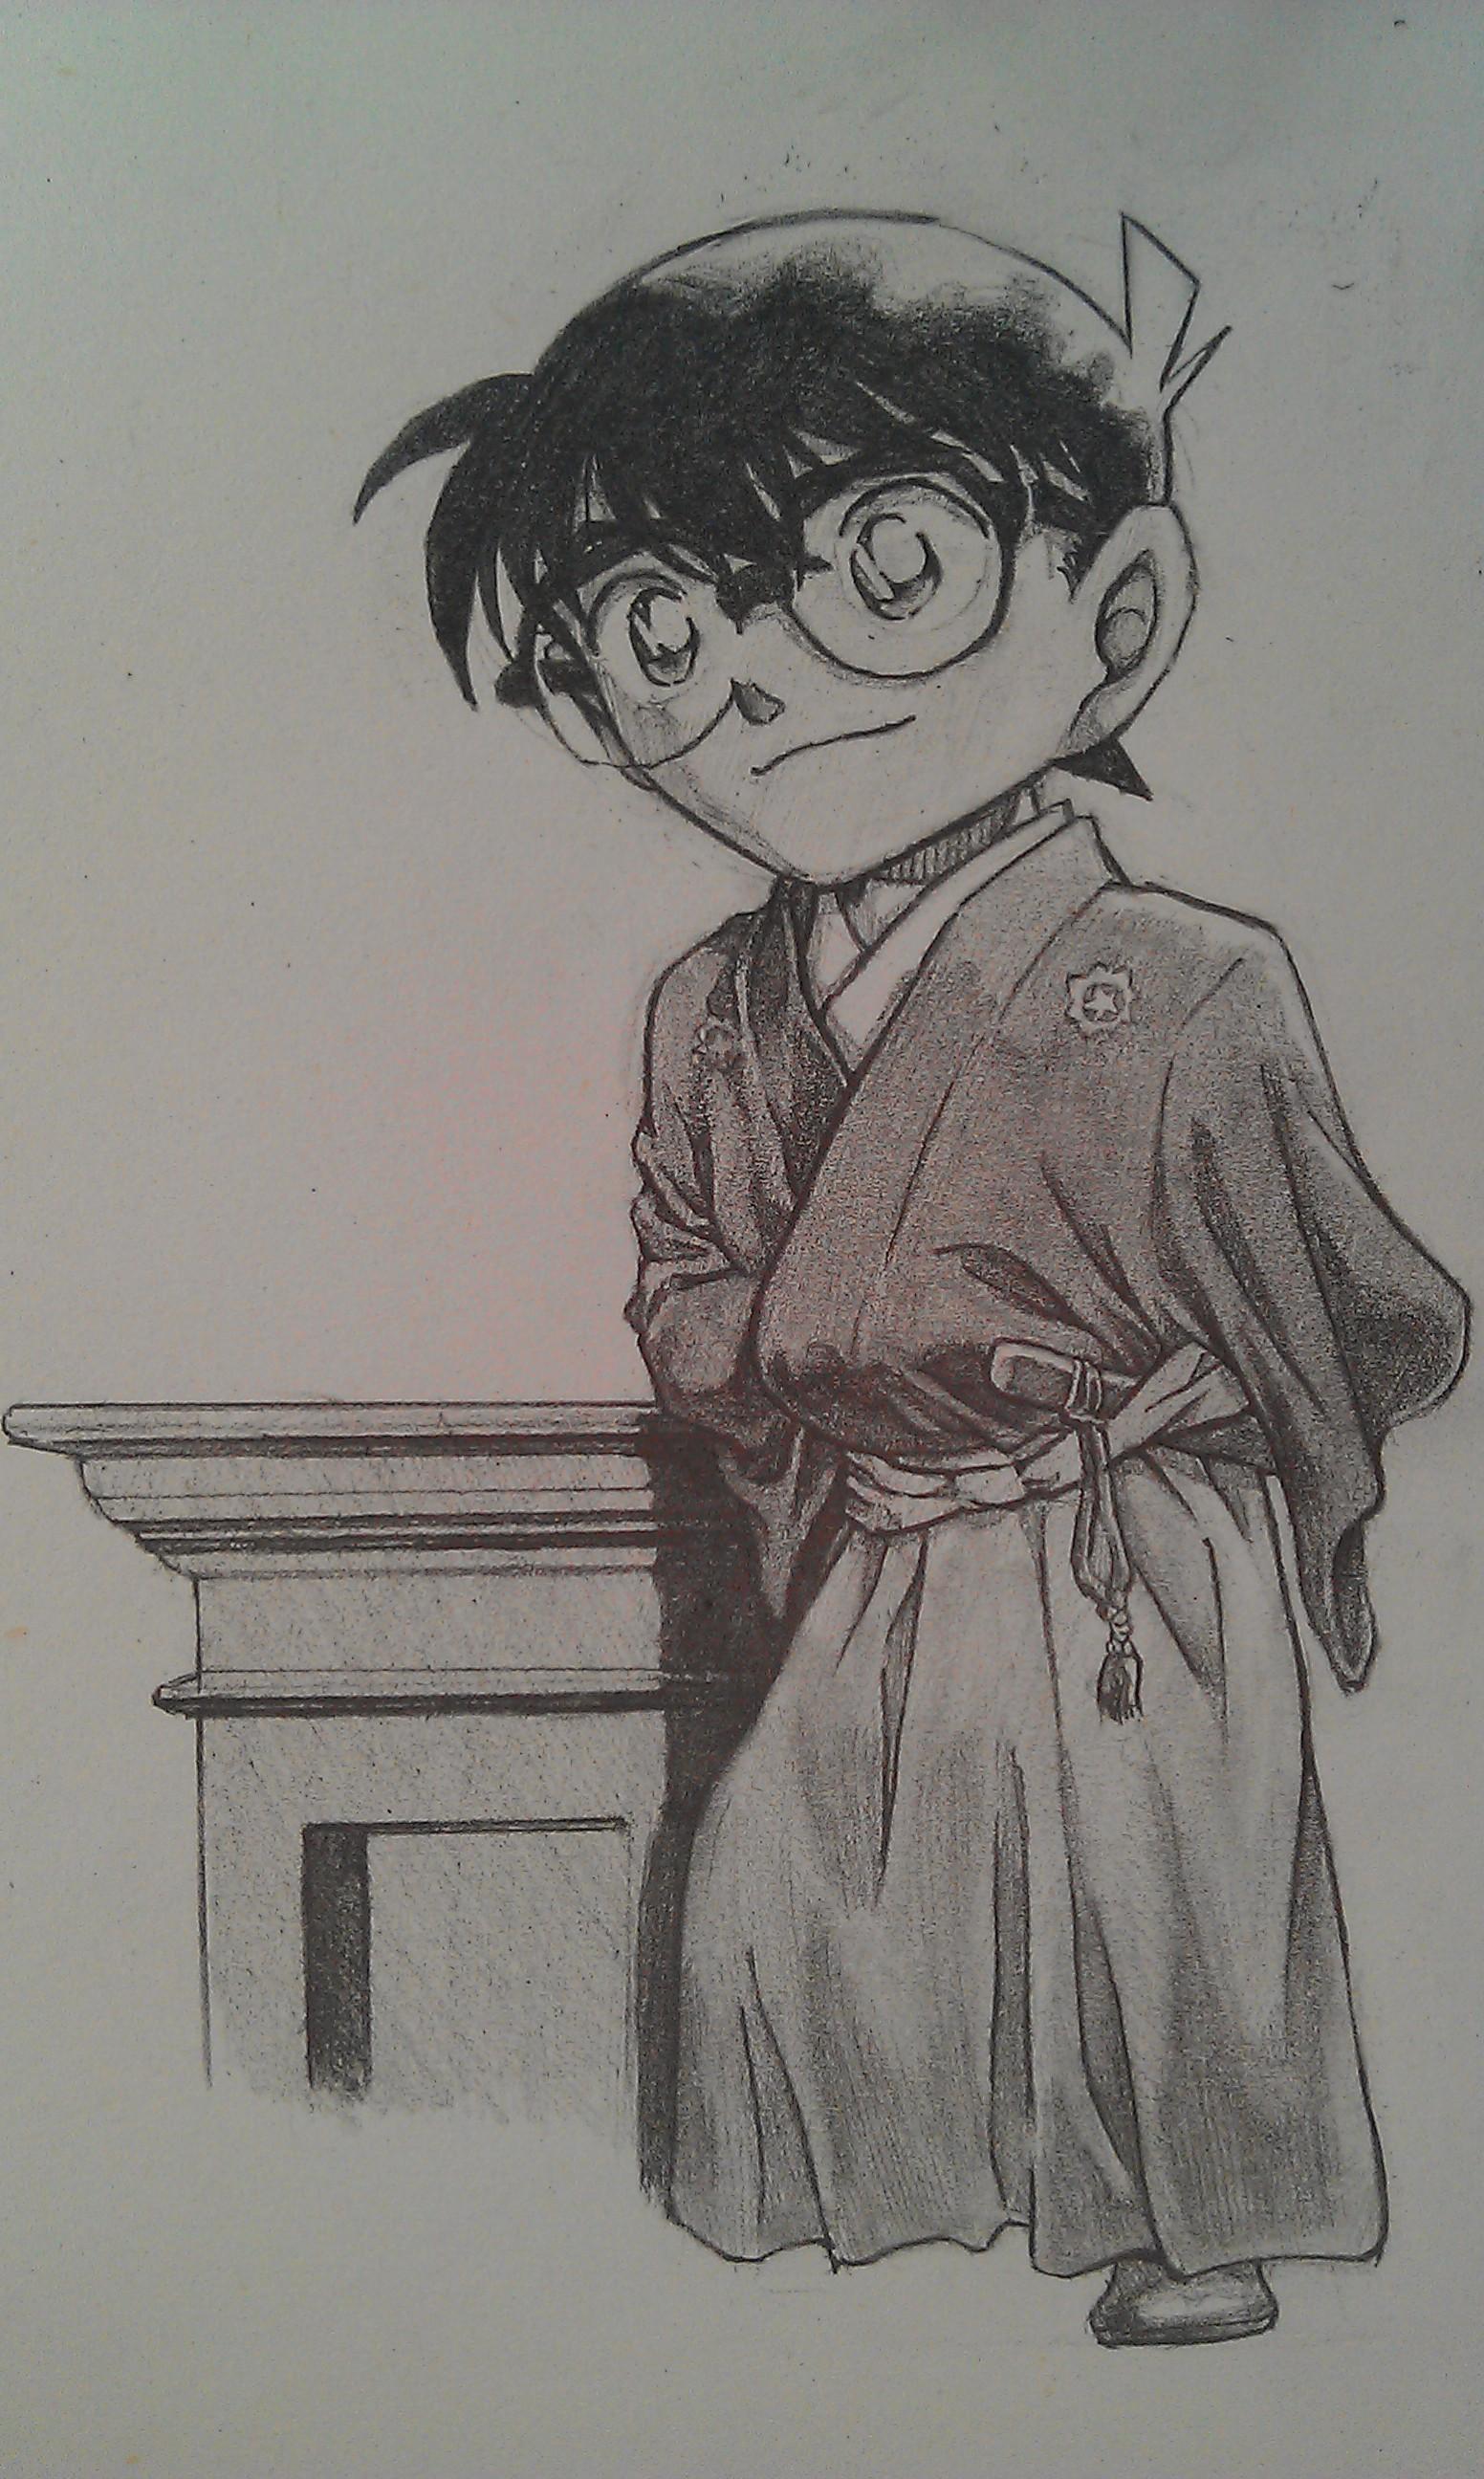 漫画人物(铅笔)